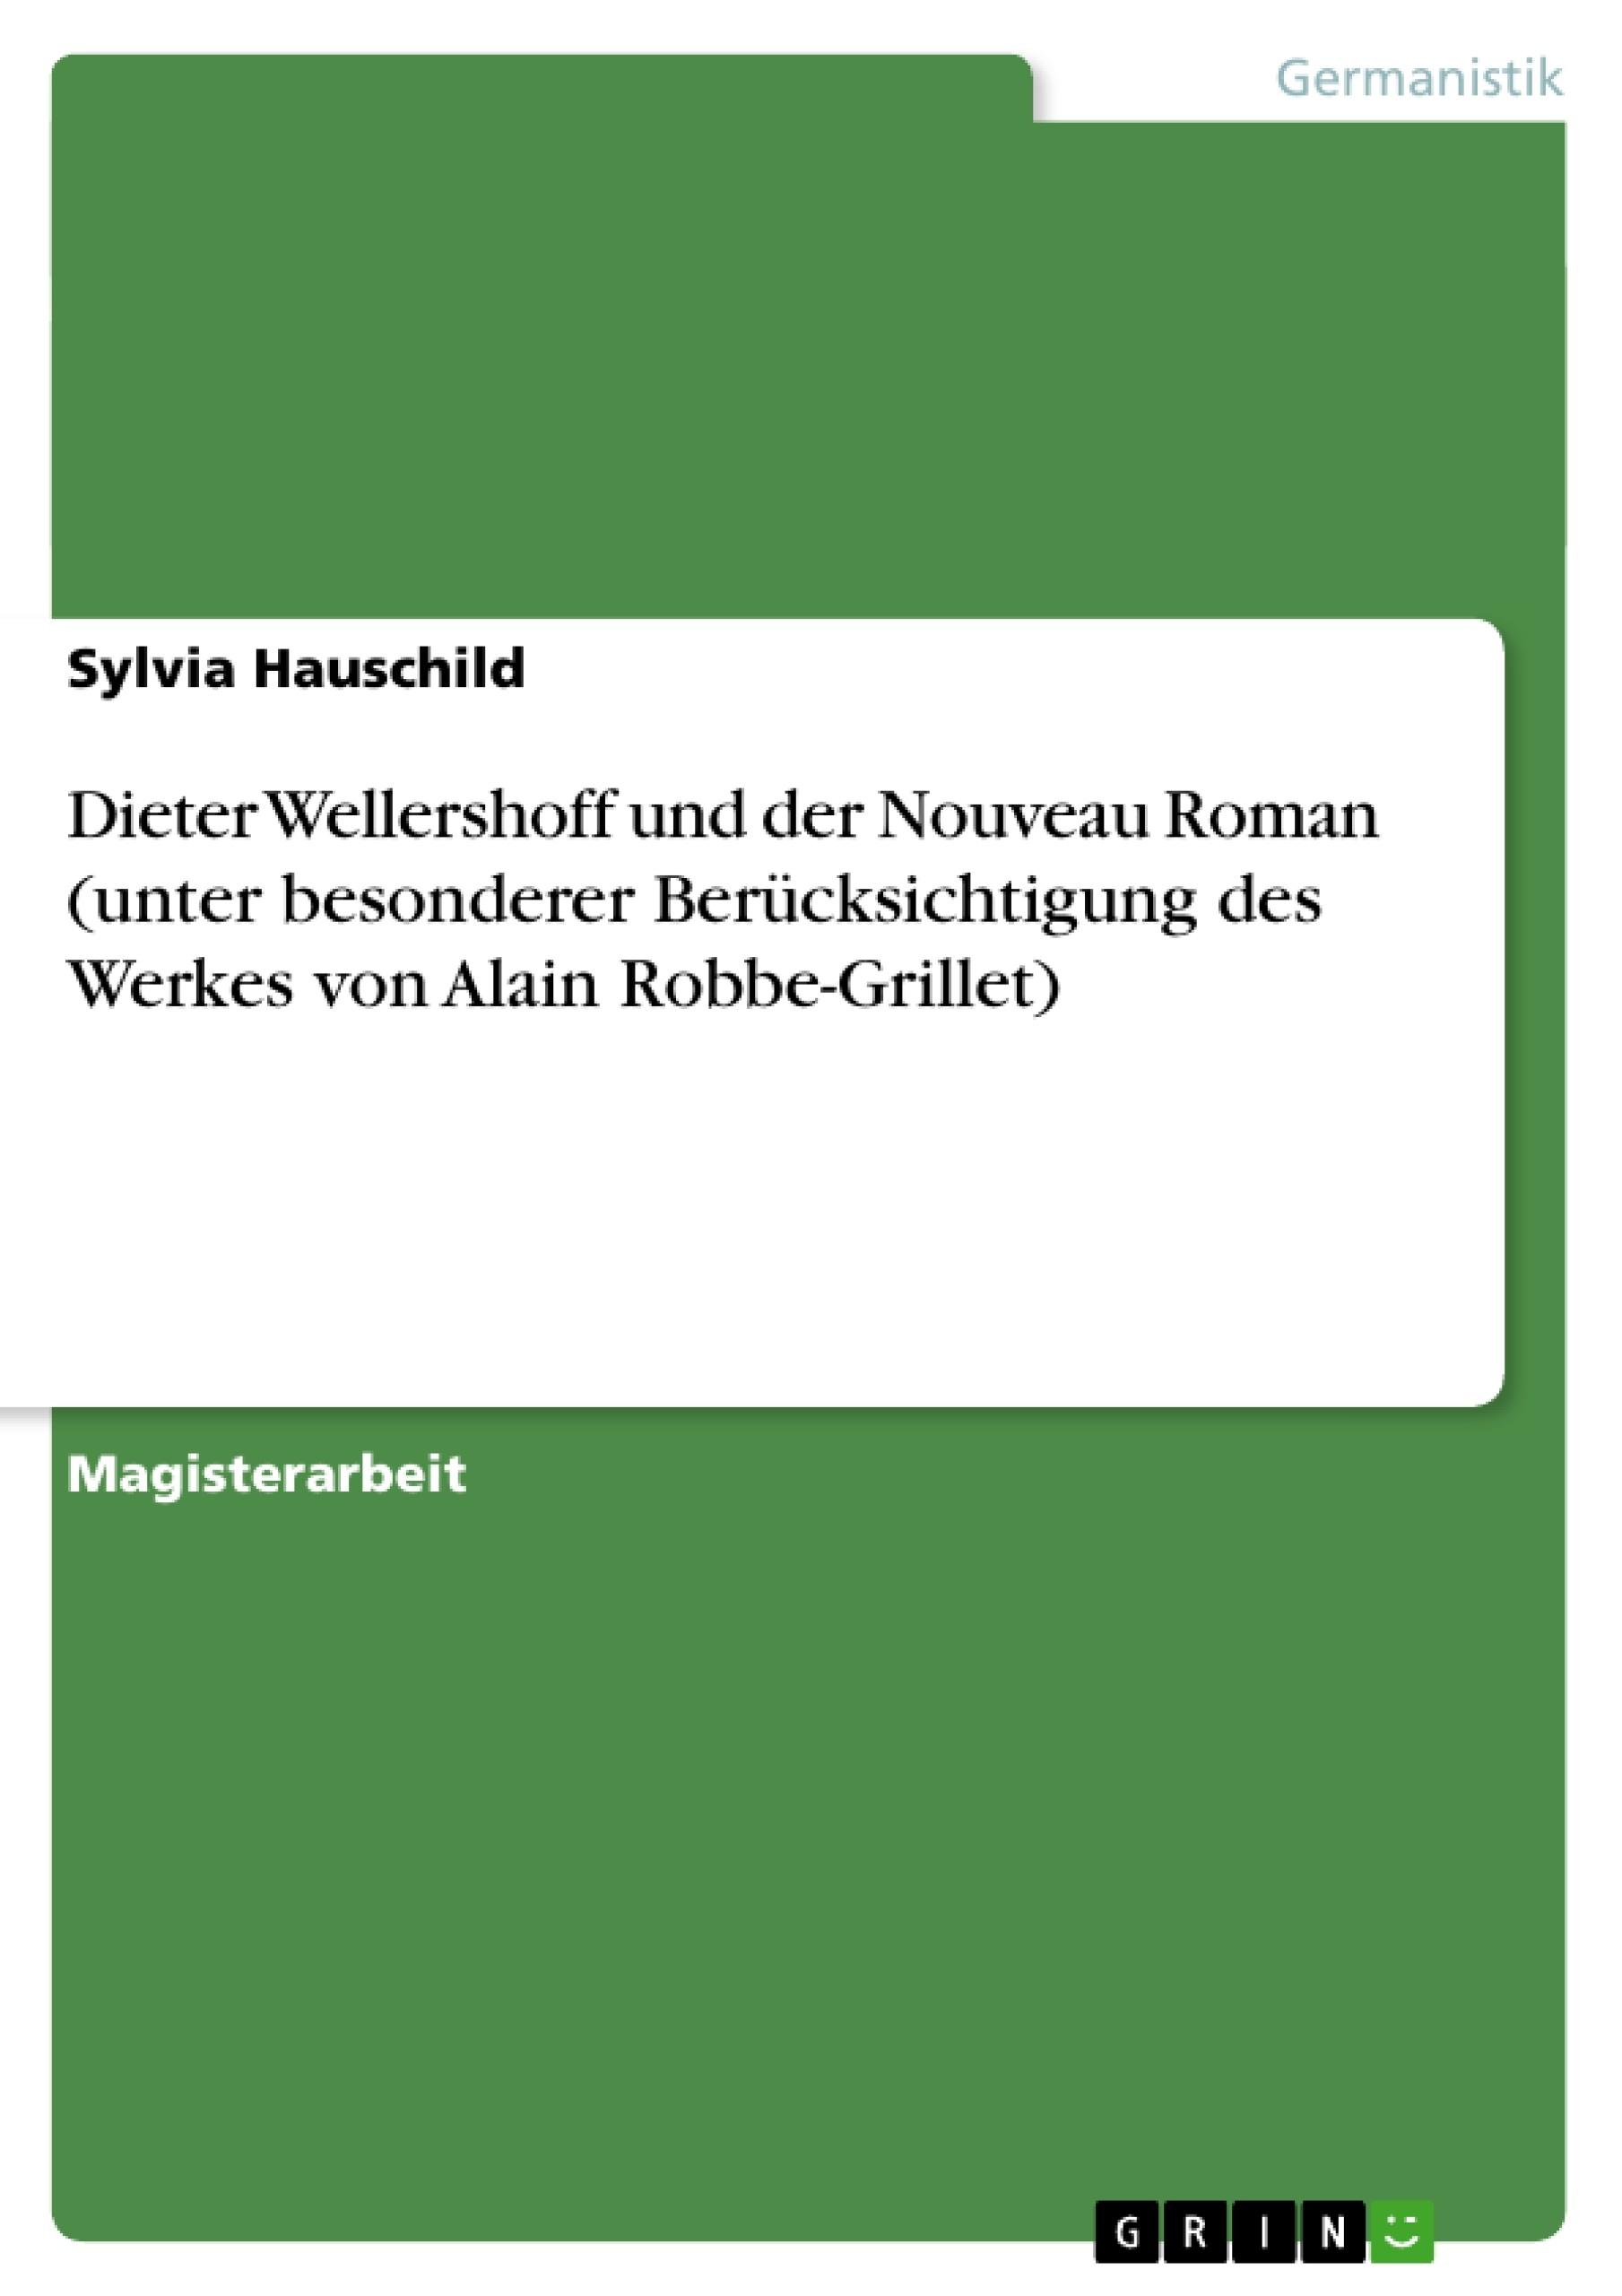 Titel: Dieter Wellershoff und der Nouveau Roman (unter besonderer Berücksichtigung des Werkes von Alain Robbe-Grillet)